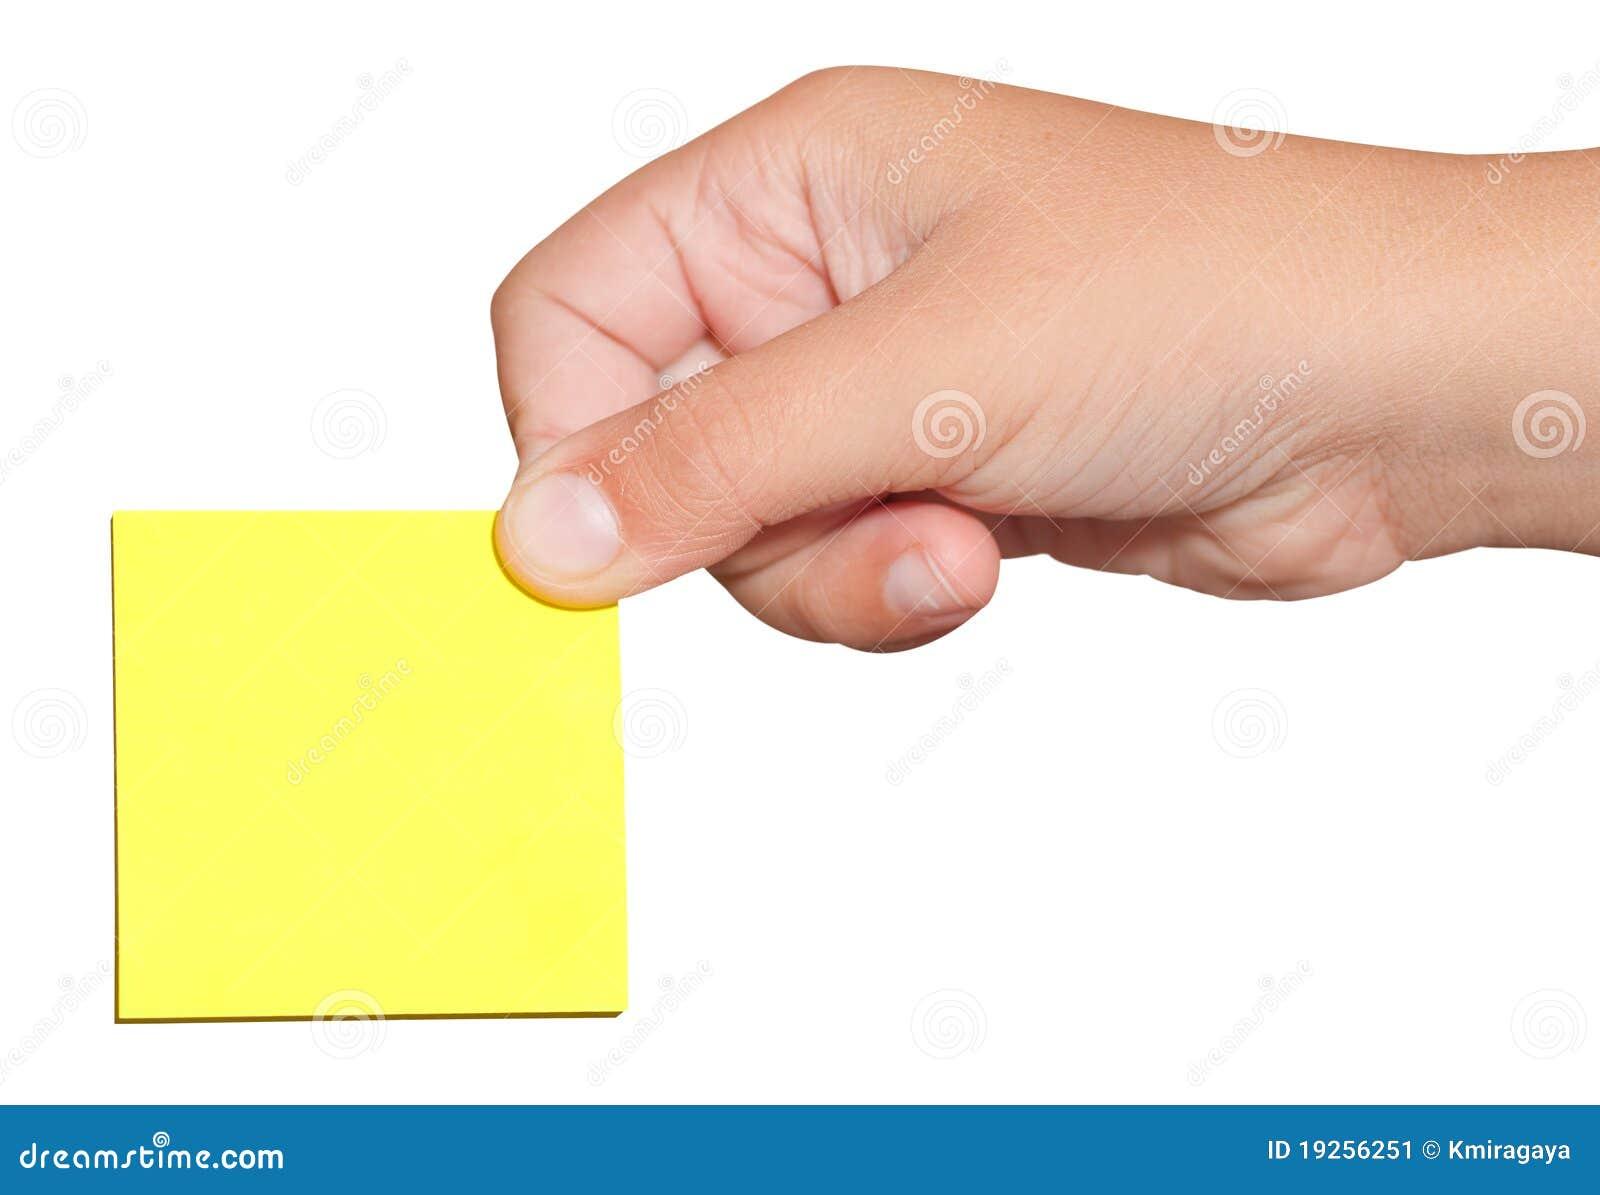 post hand